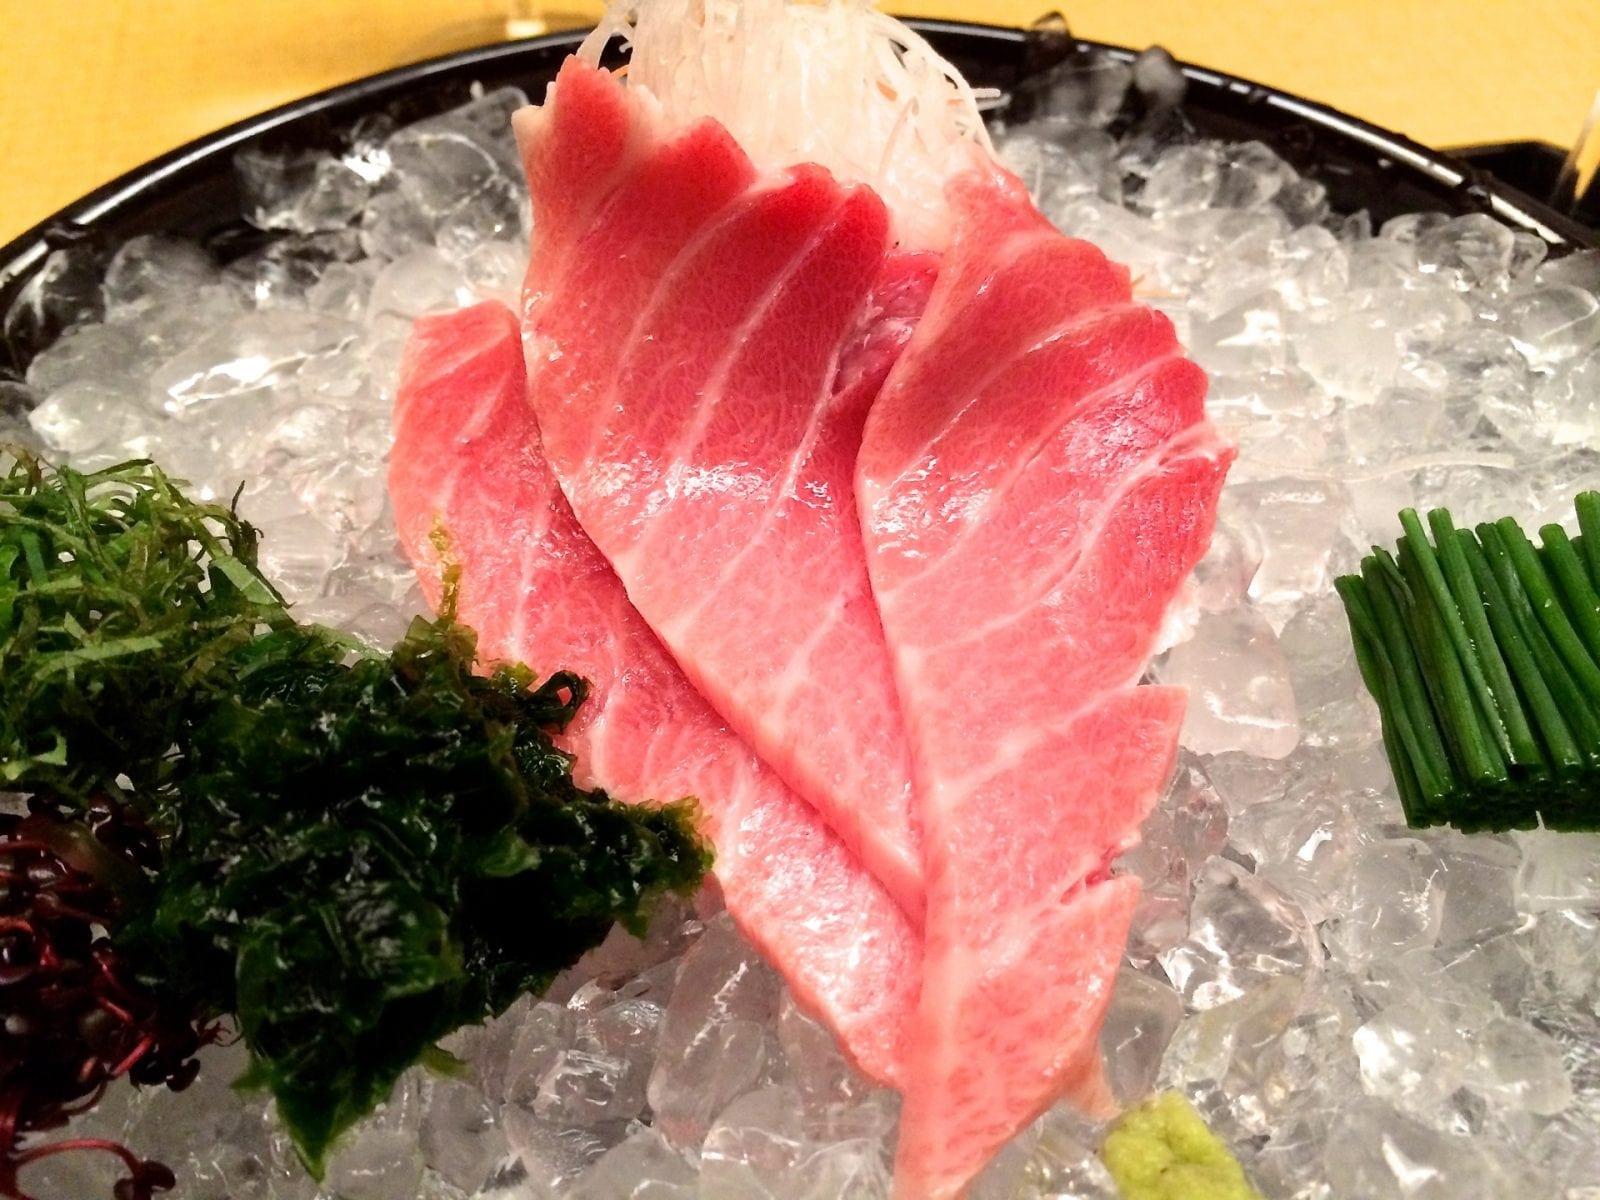 toro1 - Toro - Superlativul tonului în arta culinară